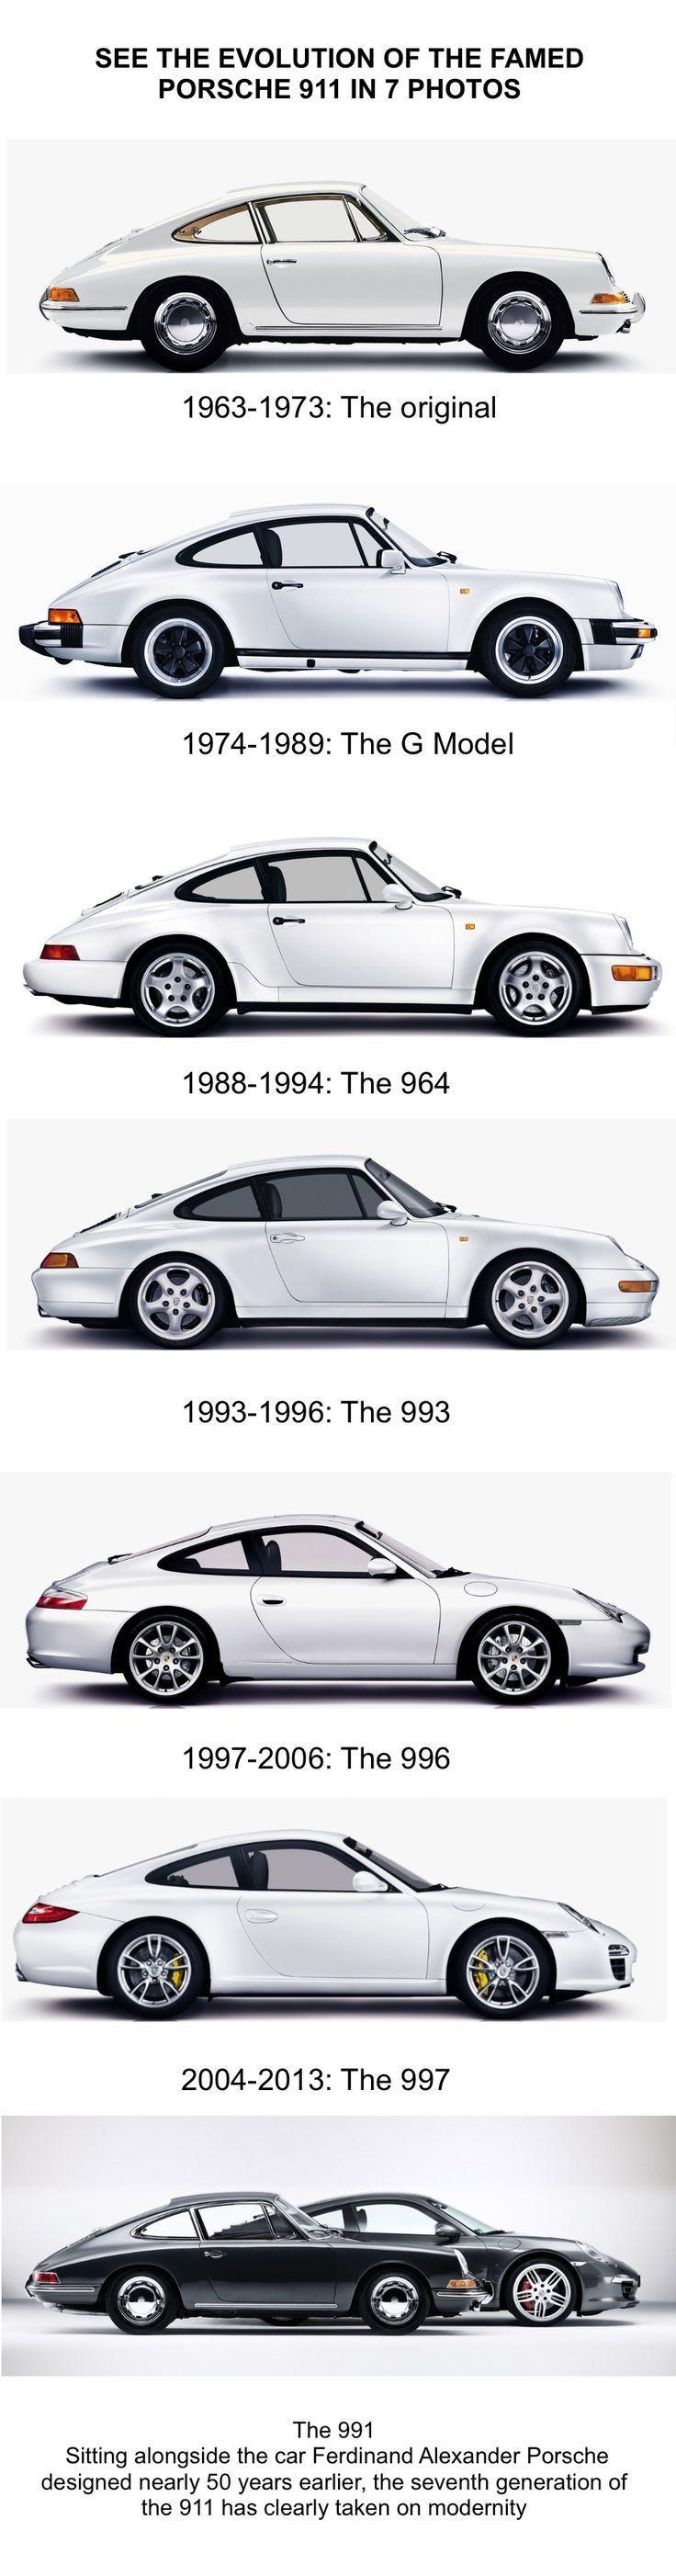 Sehen Sie die Evolution des berühmten Porsche 911 in 7 Fotos – Originalartikel